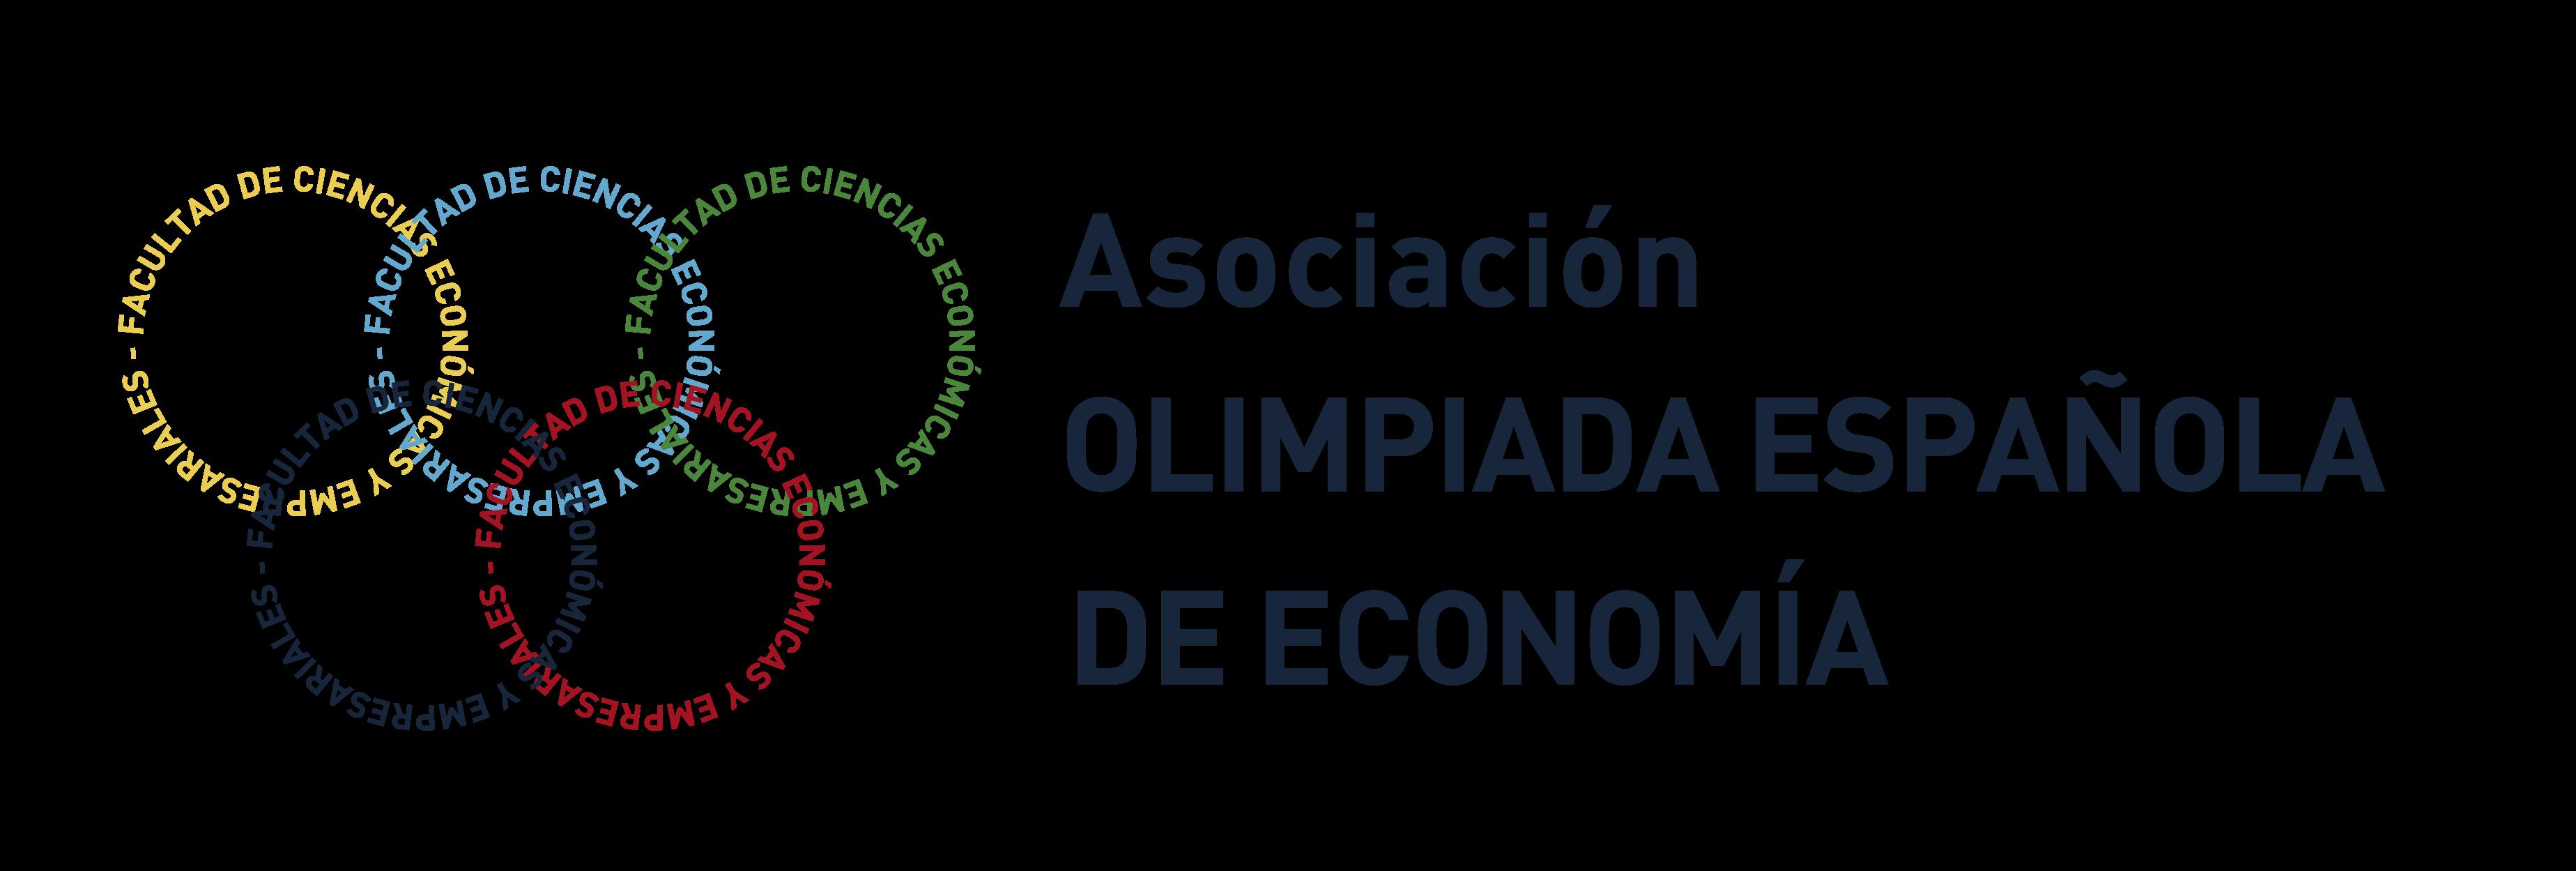 Asociación Olimpiada Española de Economía